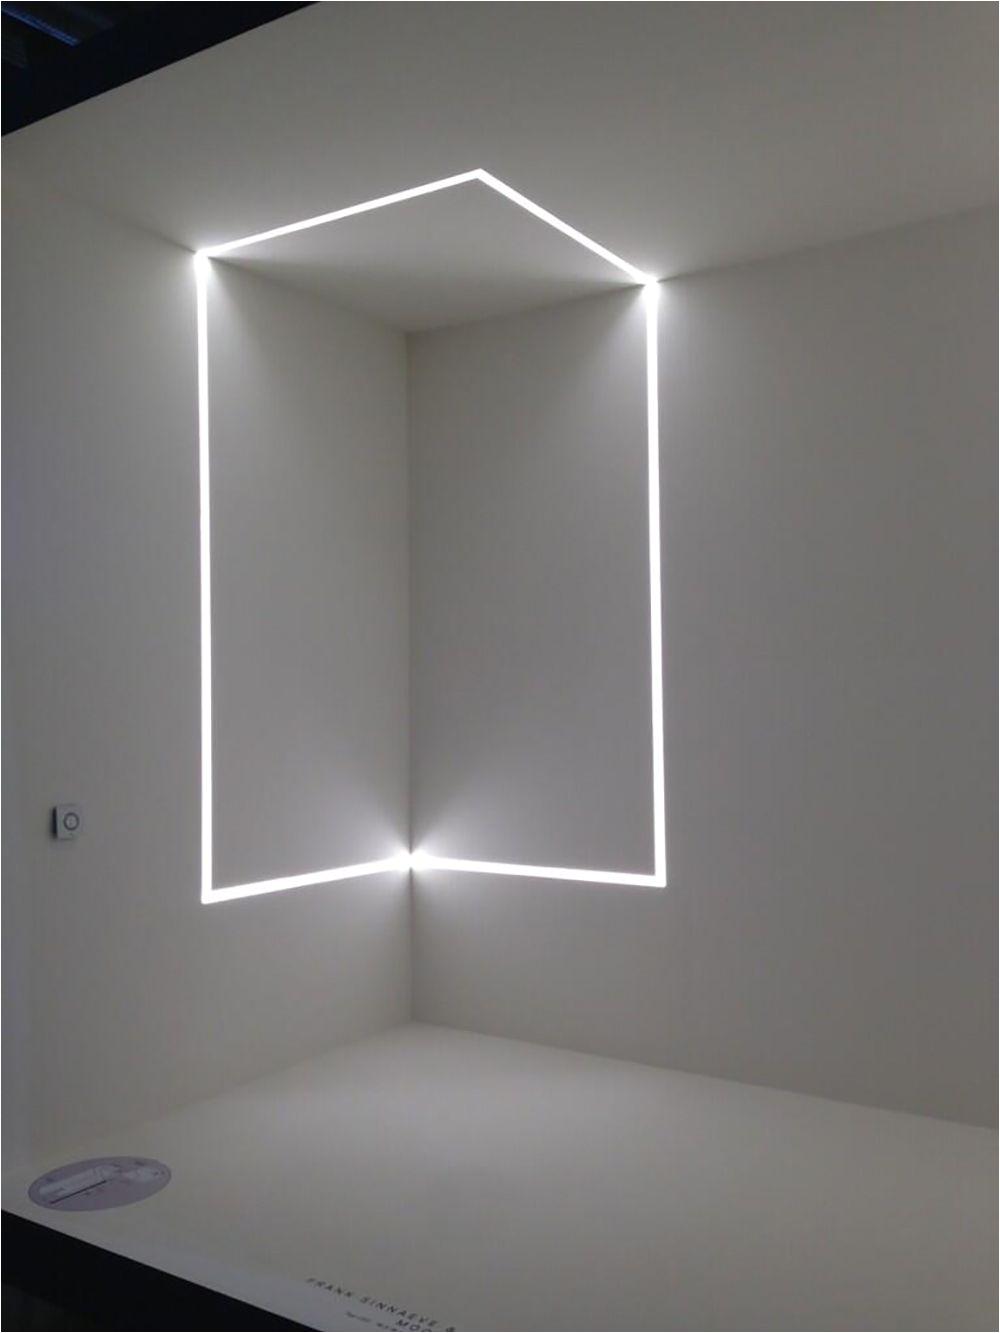 ideas de decoracia³n e iluminacia³n con tiras de leds http www justleds